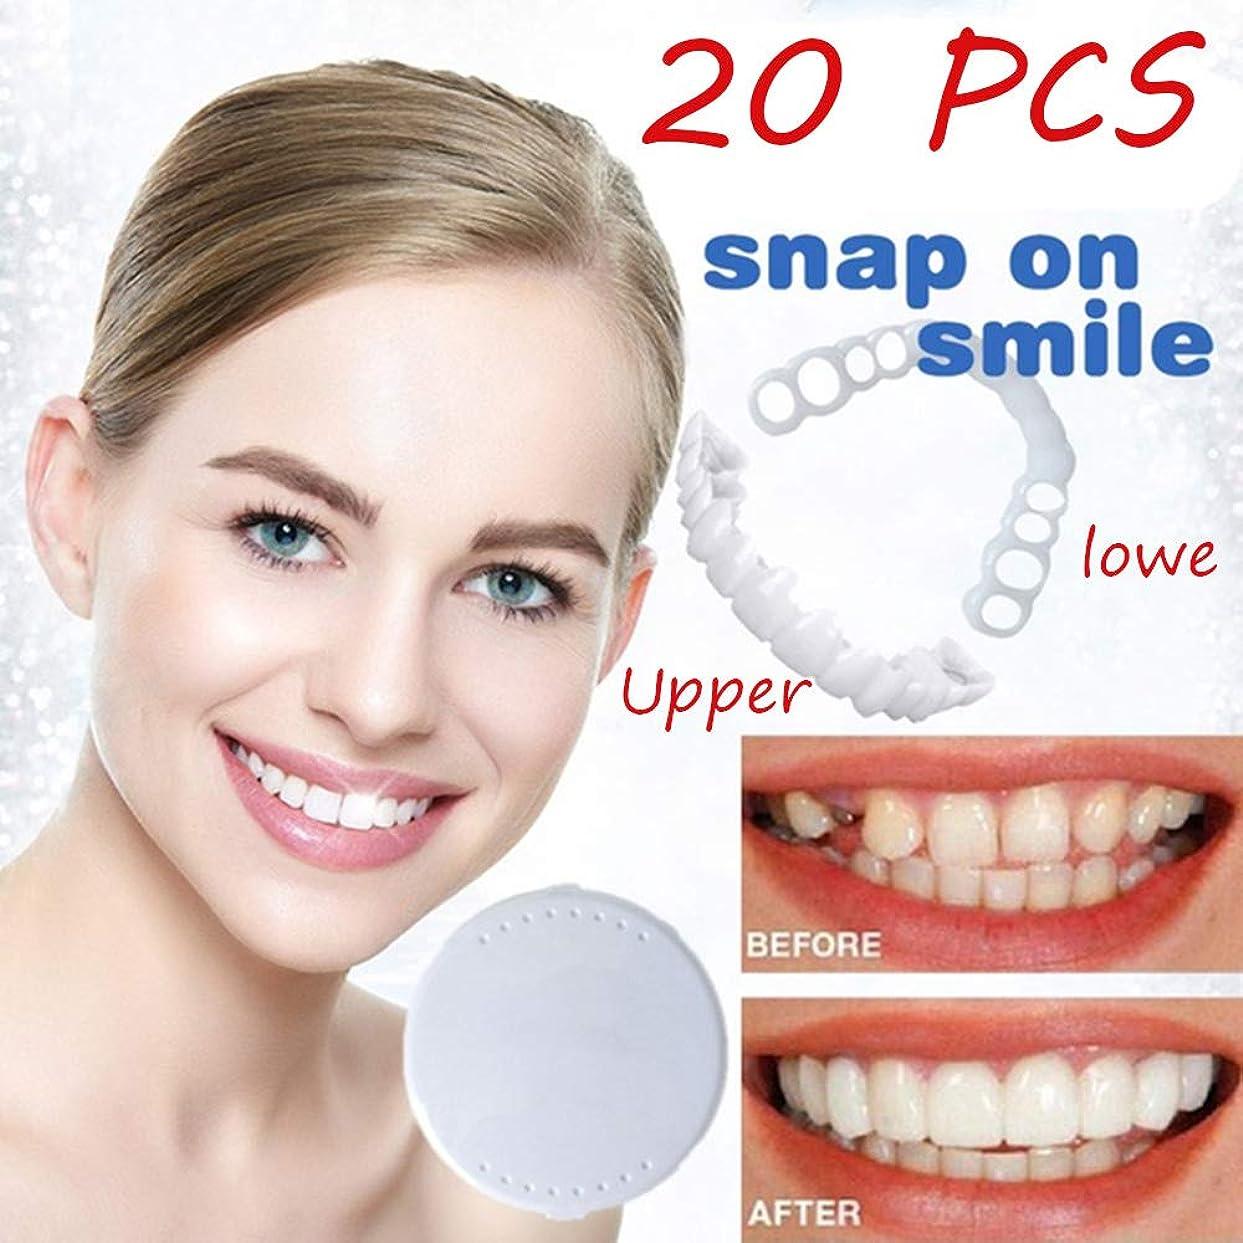 20 PCS化粧品の歯の一時的な笑顔の美白歯のシリコーンの歯の化粧品の歯の義歯のケアほとんどの人に適したサイズ(上下)